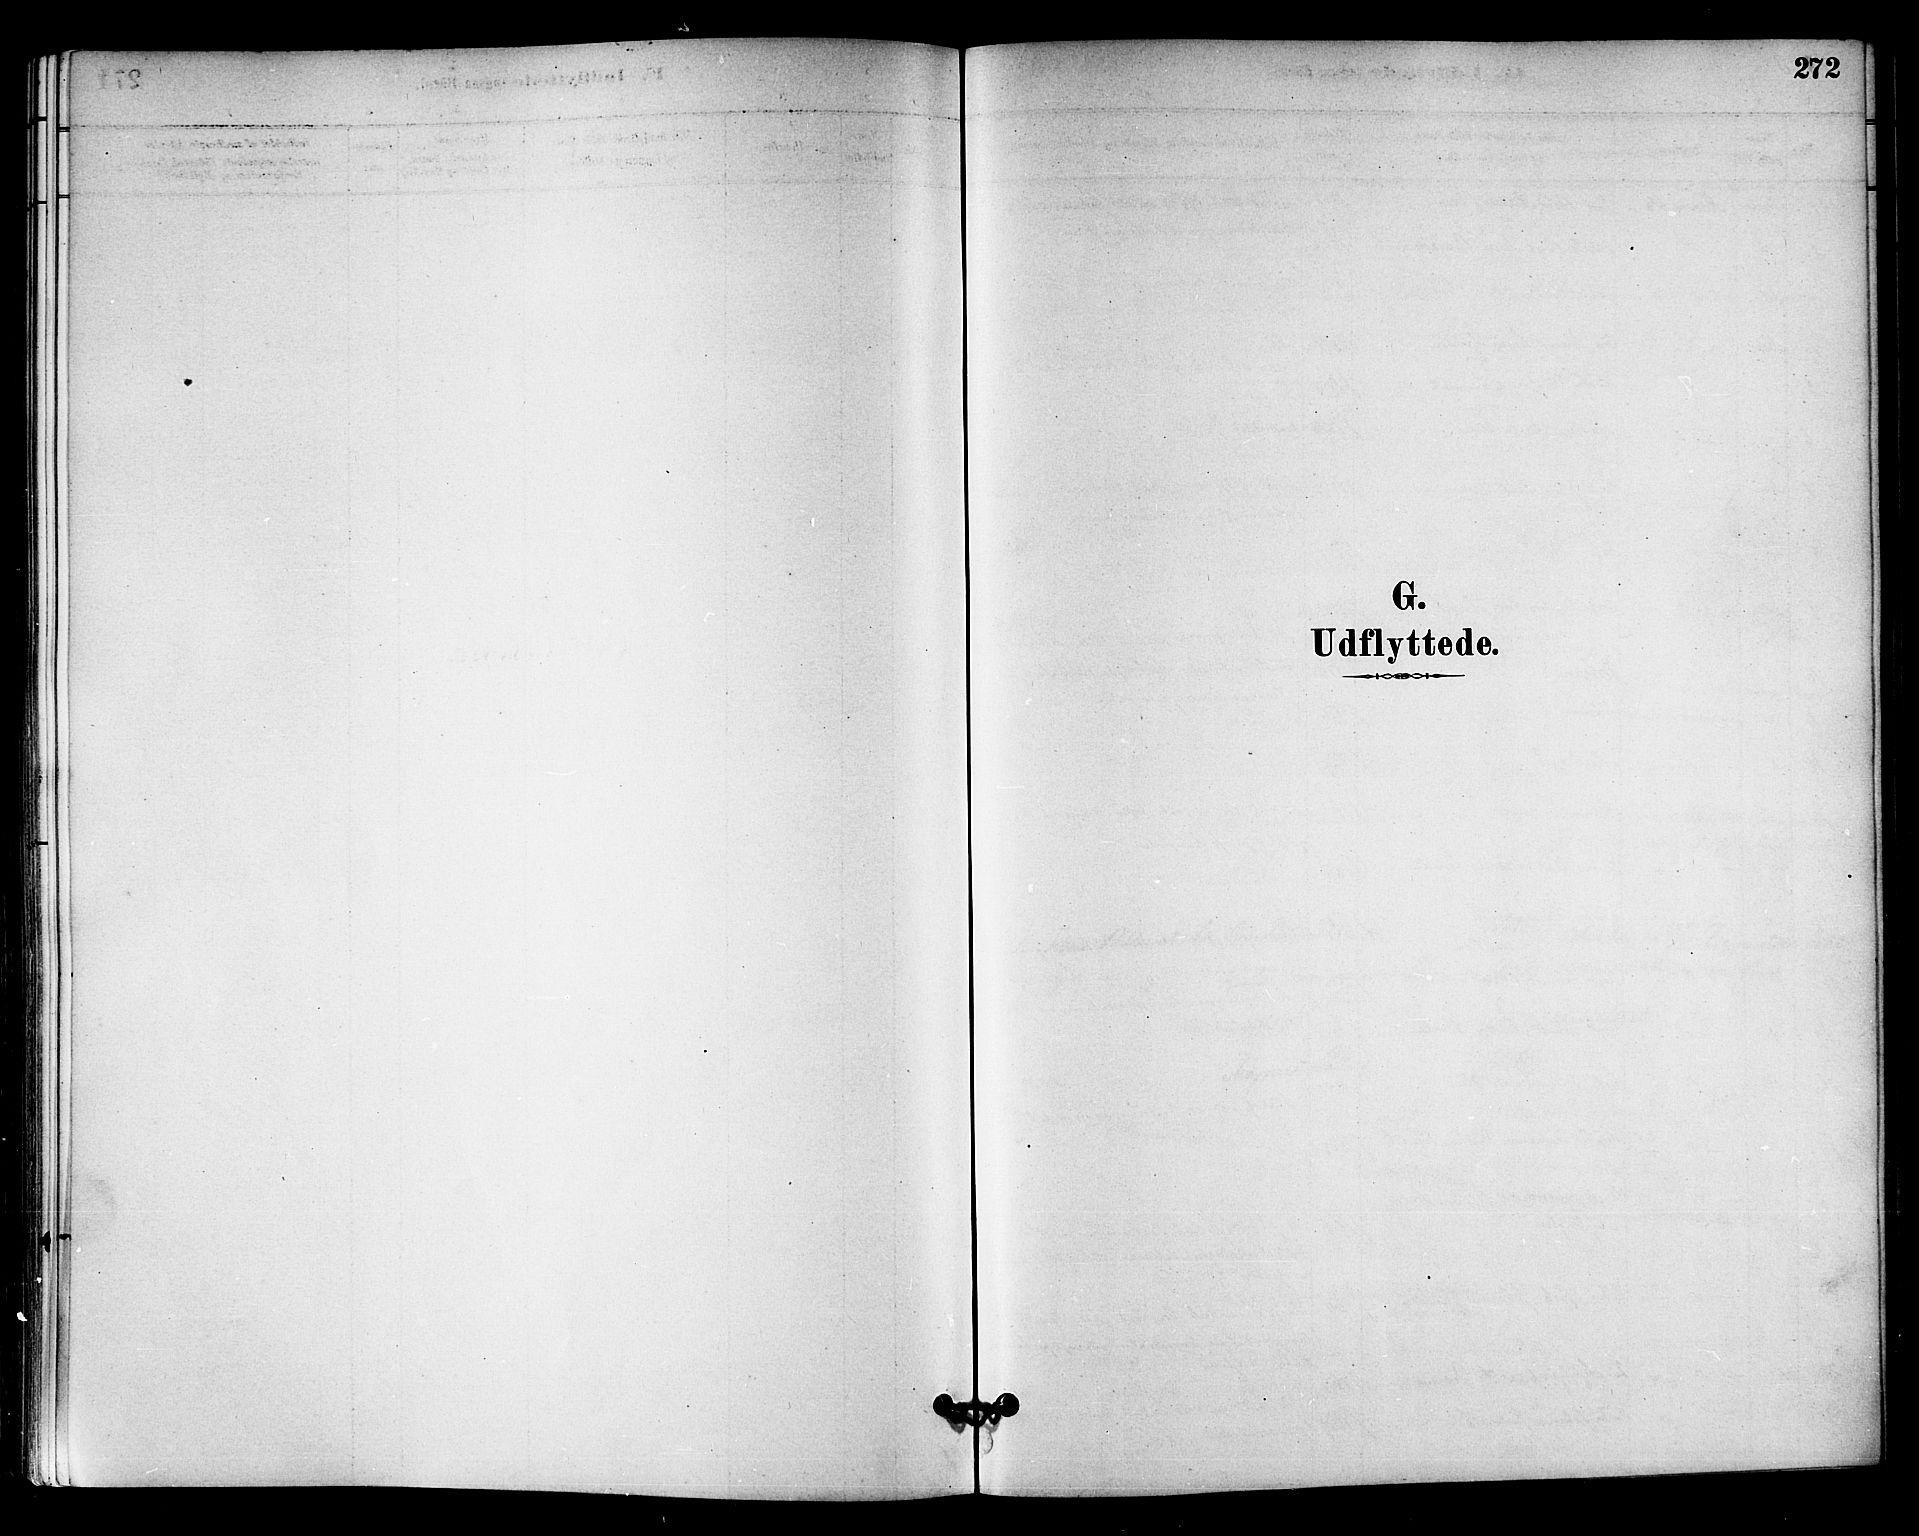 SAT, Ministerialprotokoller, klokkerbøker og fødselsregistre - Sør-Trøndelag, 655/L0680: Ministerialbok nr. 655A09, 1880-1894, s. 272